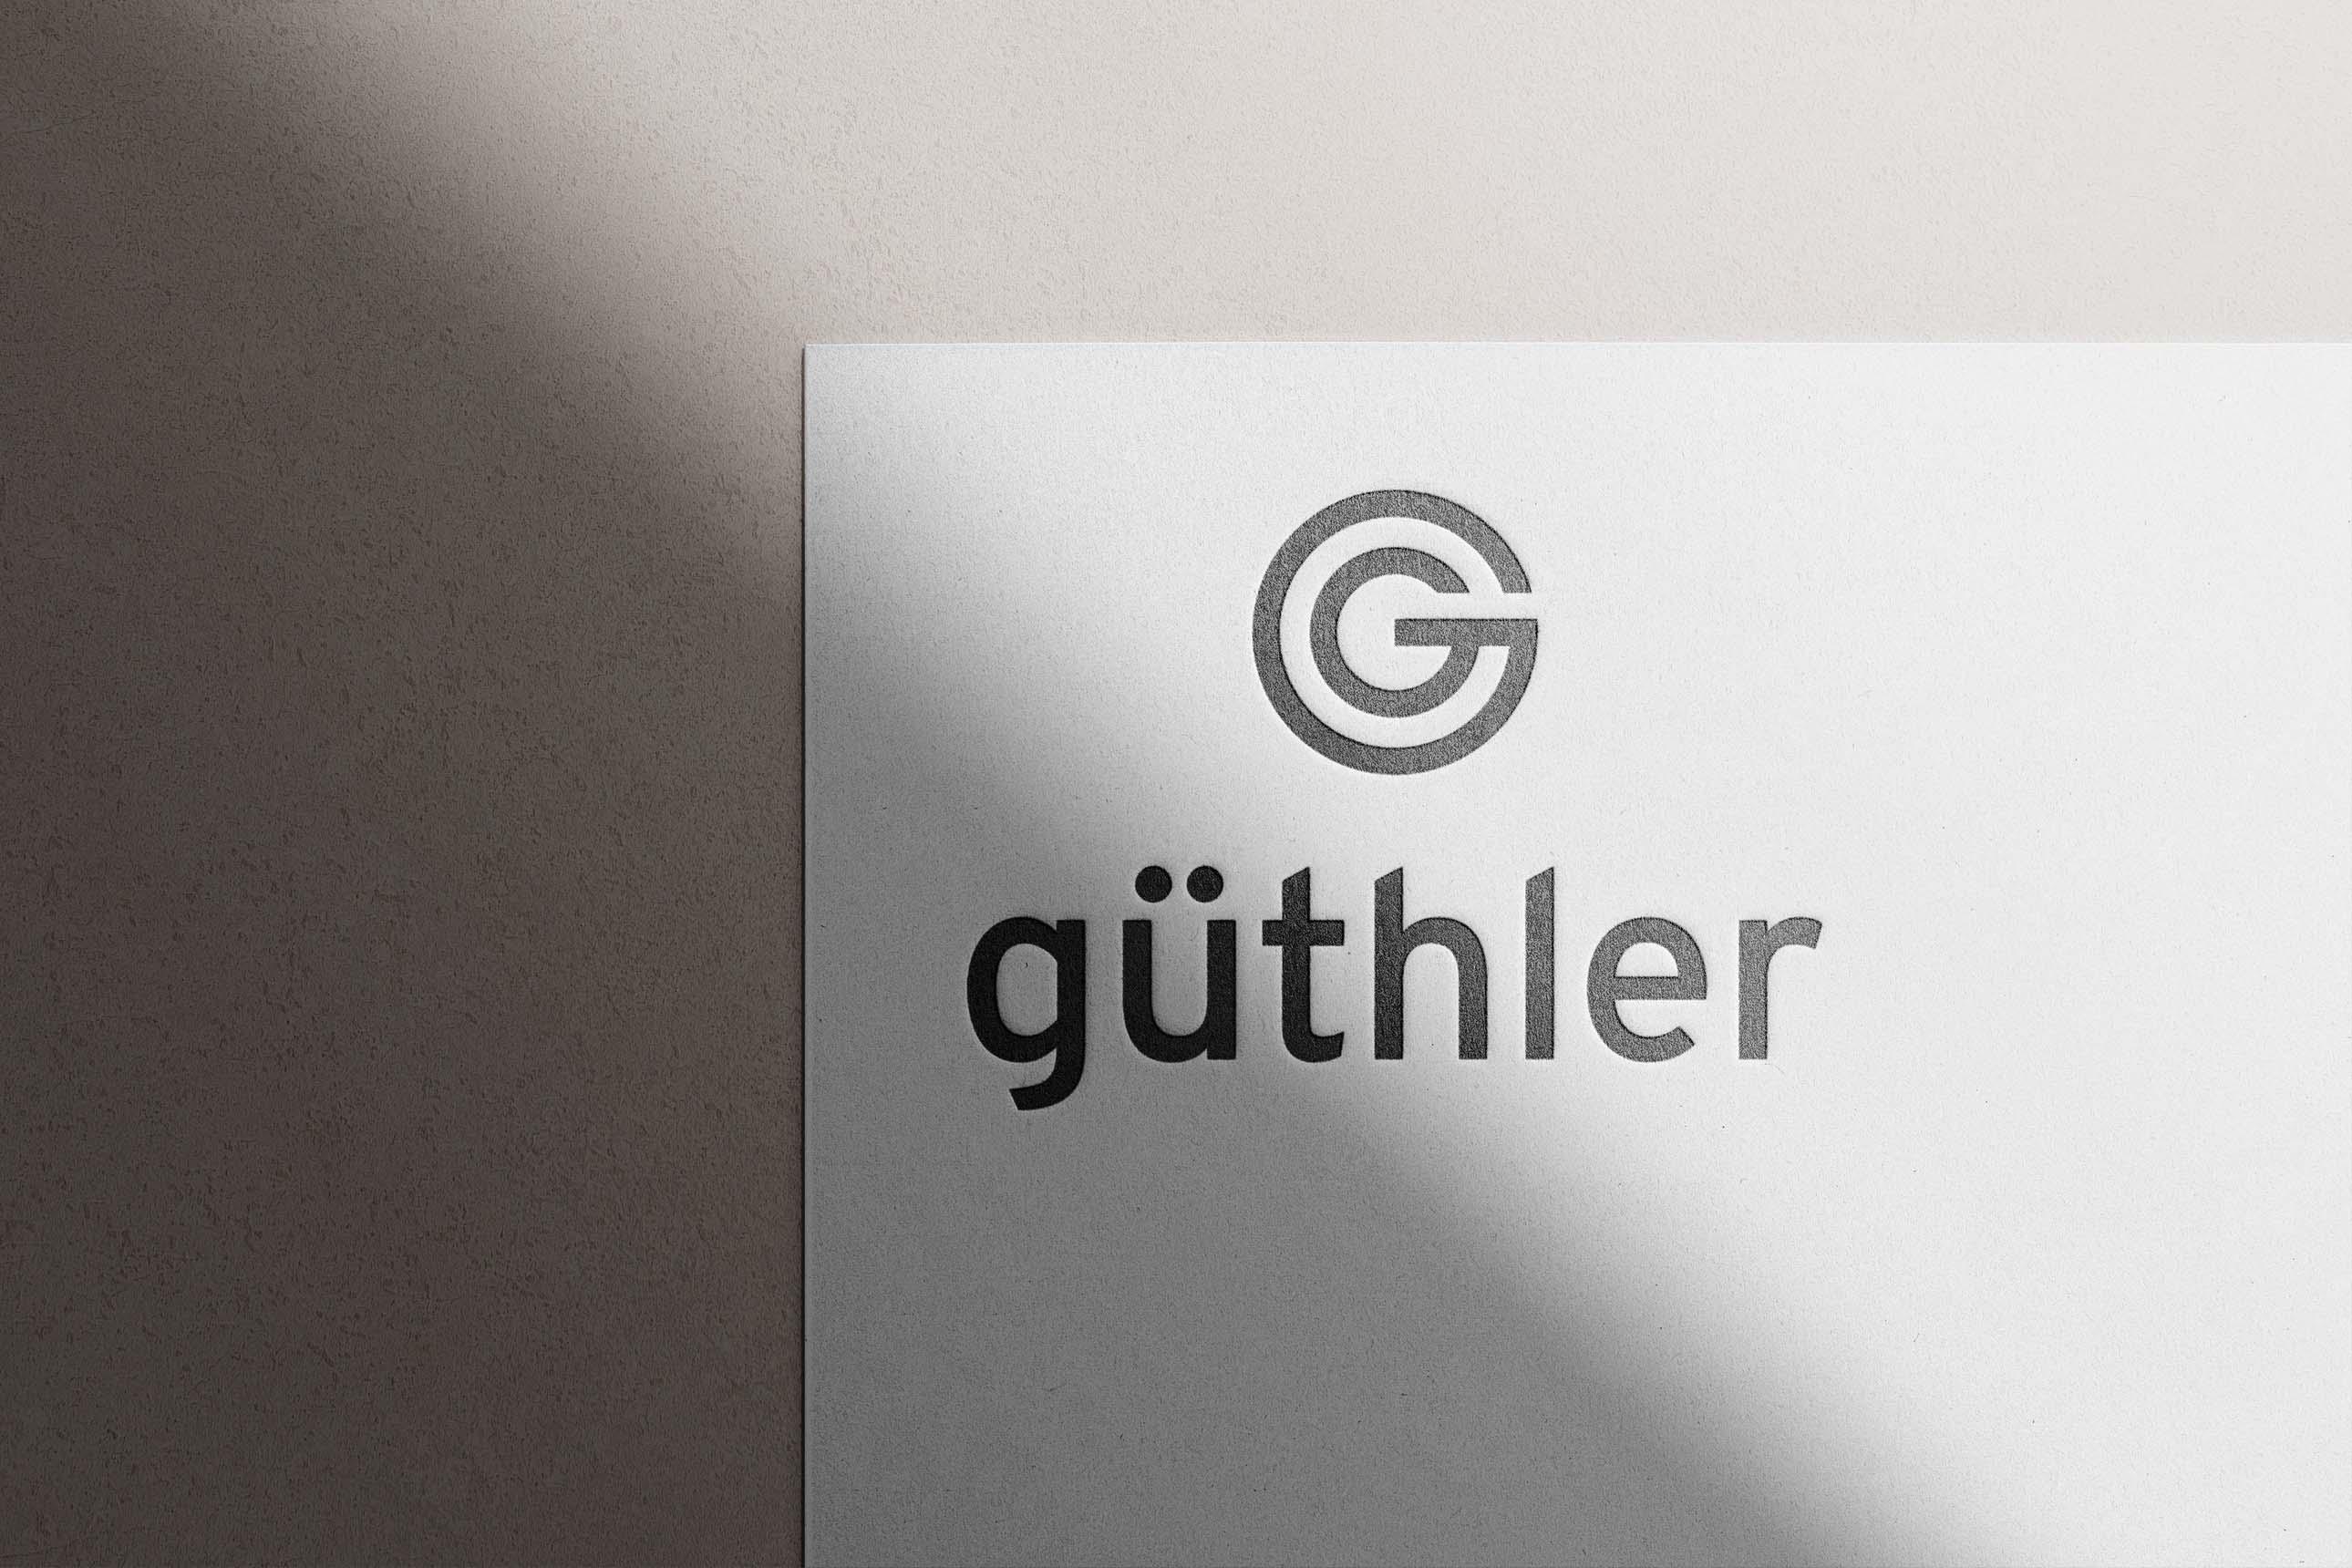 Entwicklung eines markanten und einprägsamen Signets / Logos für Güthler Glasfassaden